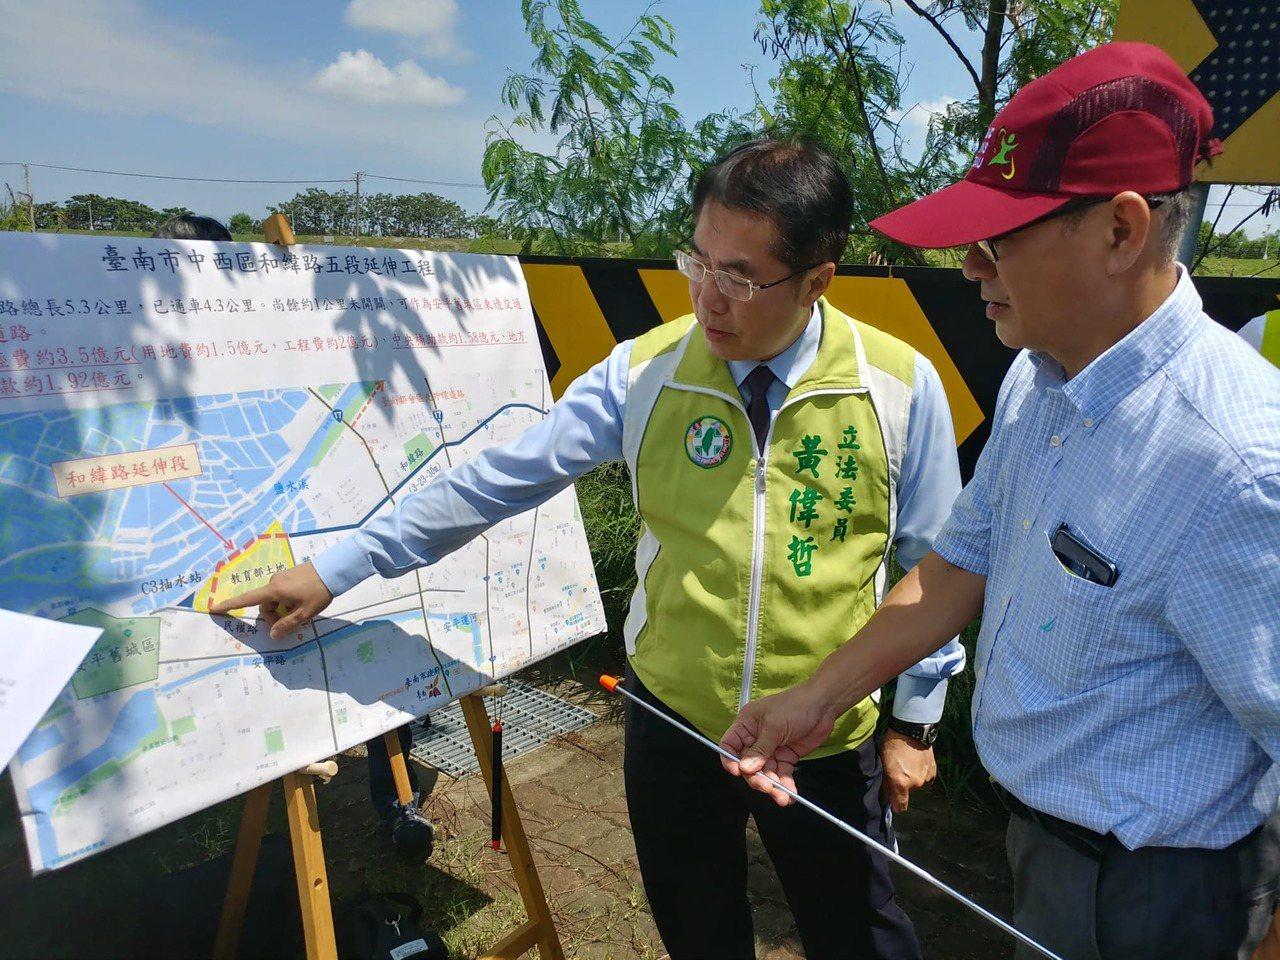 台南市長黃偉哲(左)在擔任立委時,107年到和緯路現勘。圖/市政府提供